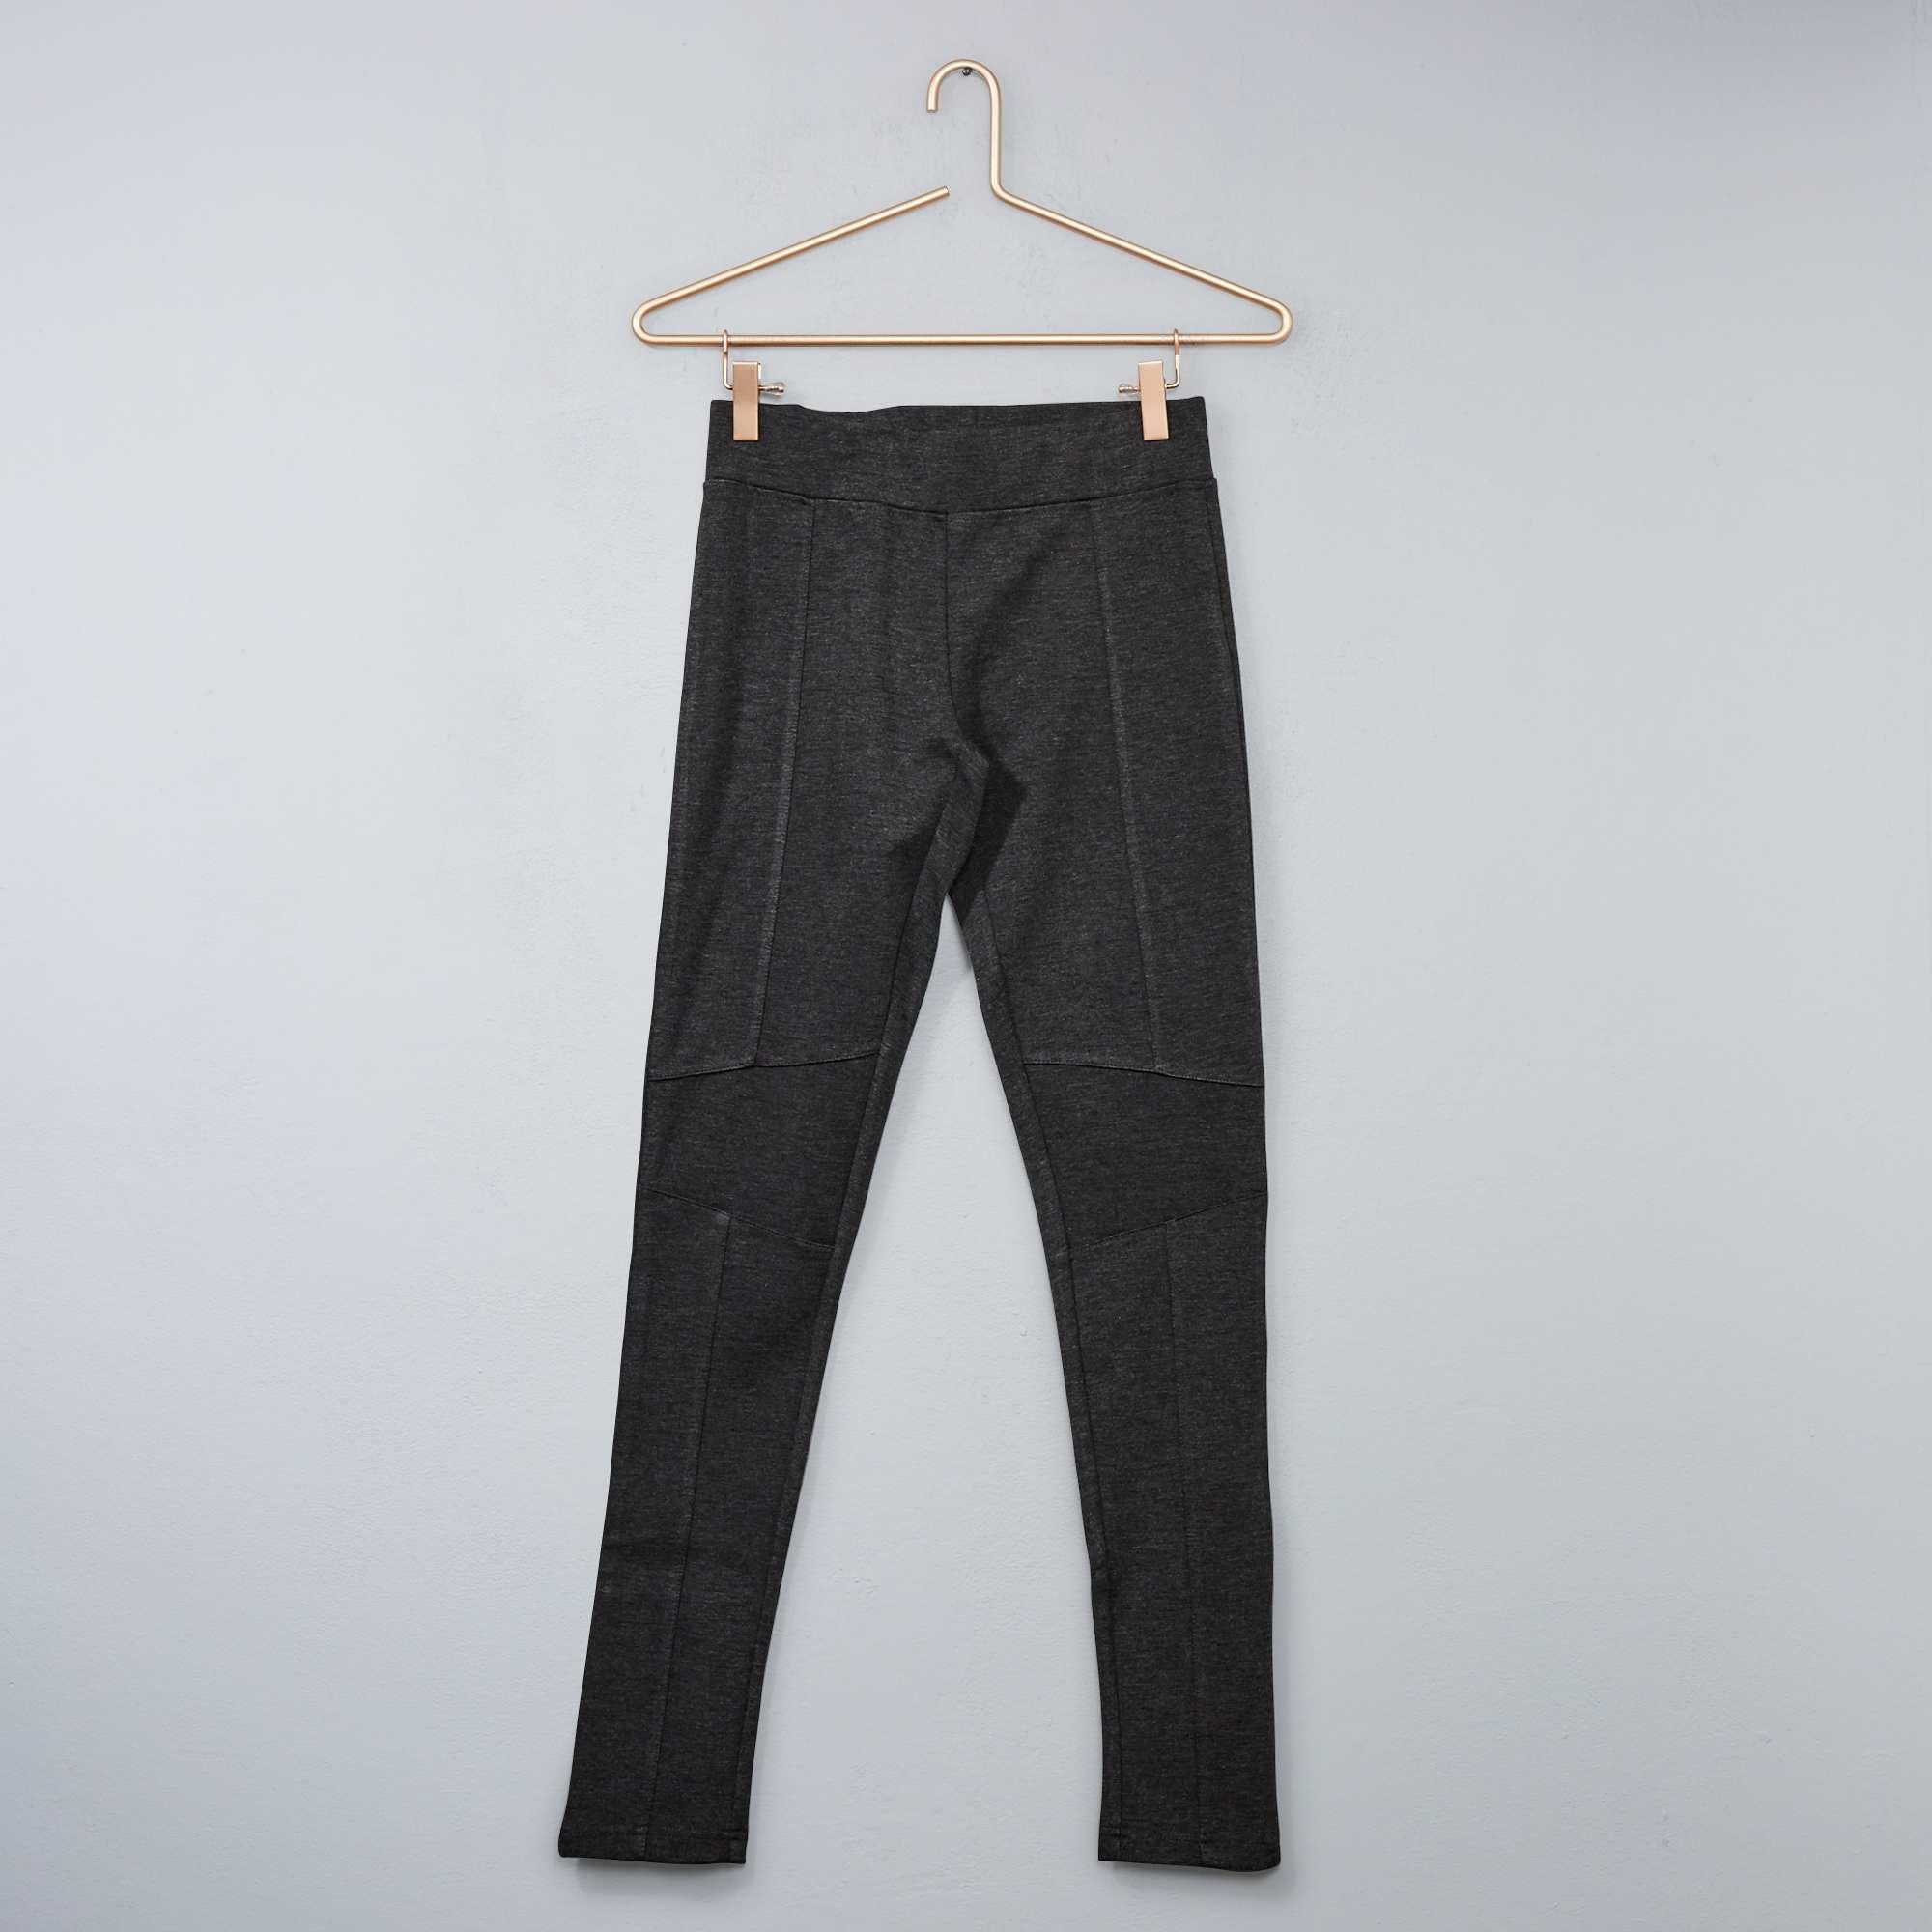 Couleur : gris chiné foncé, , ,, - Taille : 10A, M, 12A,S,XSOn allie confort et style avec le legging en maille milano. - Legging en maille